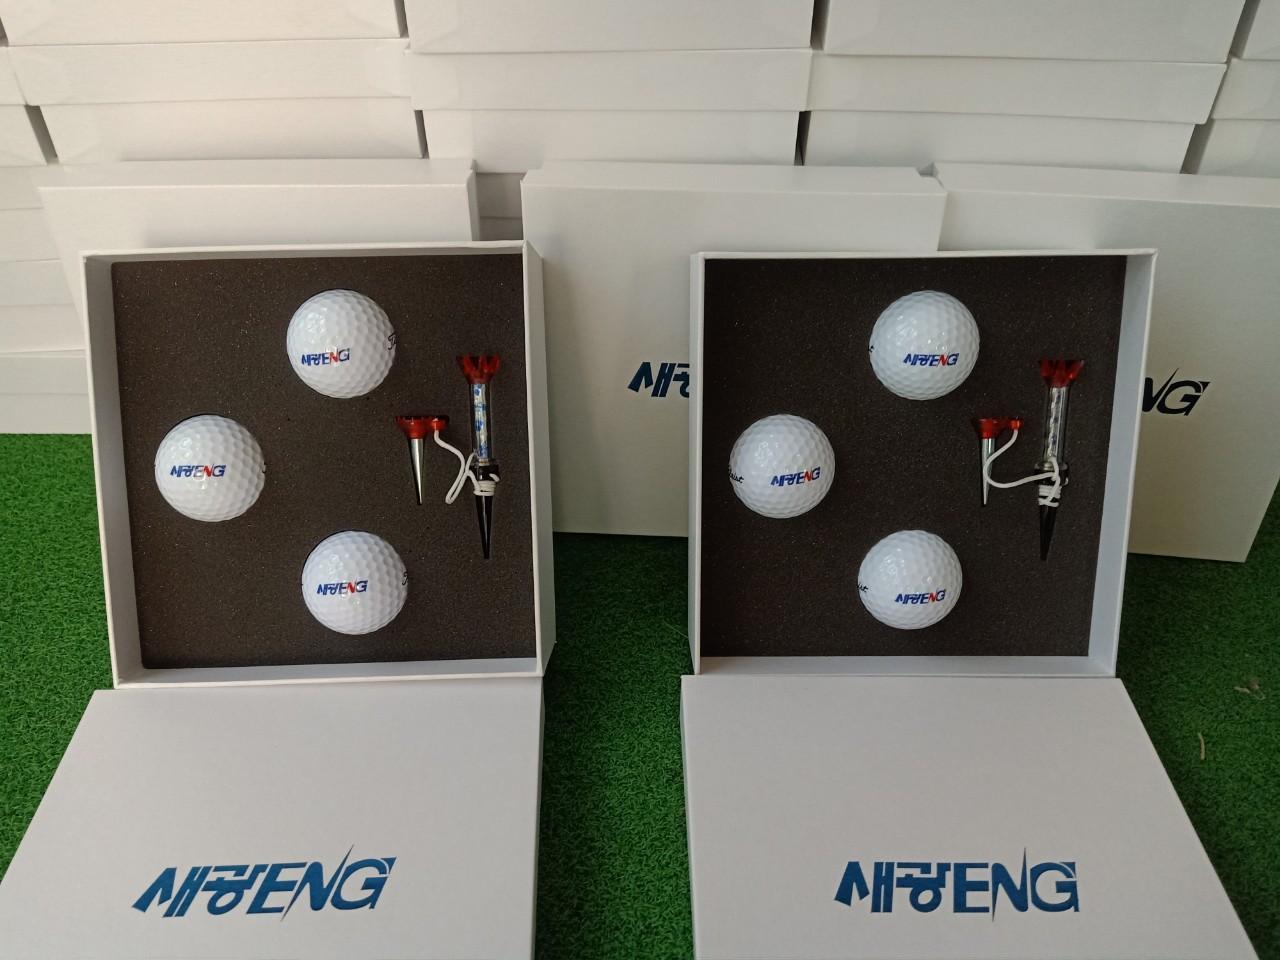 Dịch vụ in logo lên bóng Golf giá tốt nhất tại Hà Nội